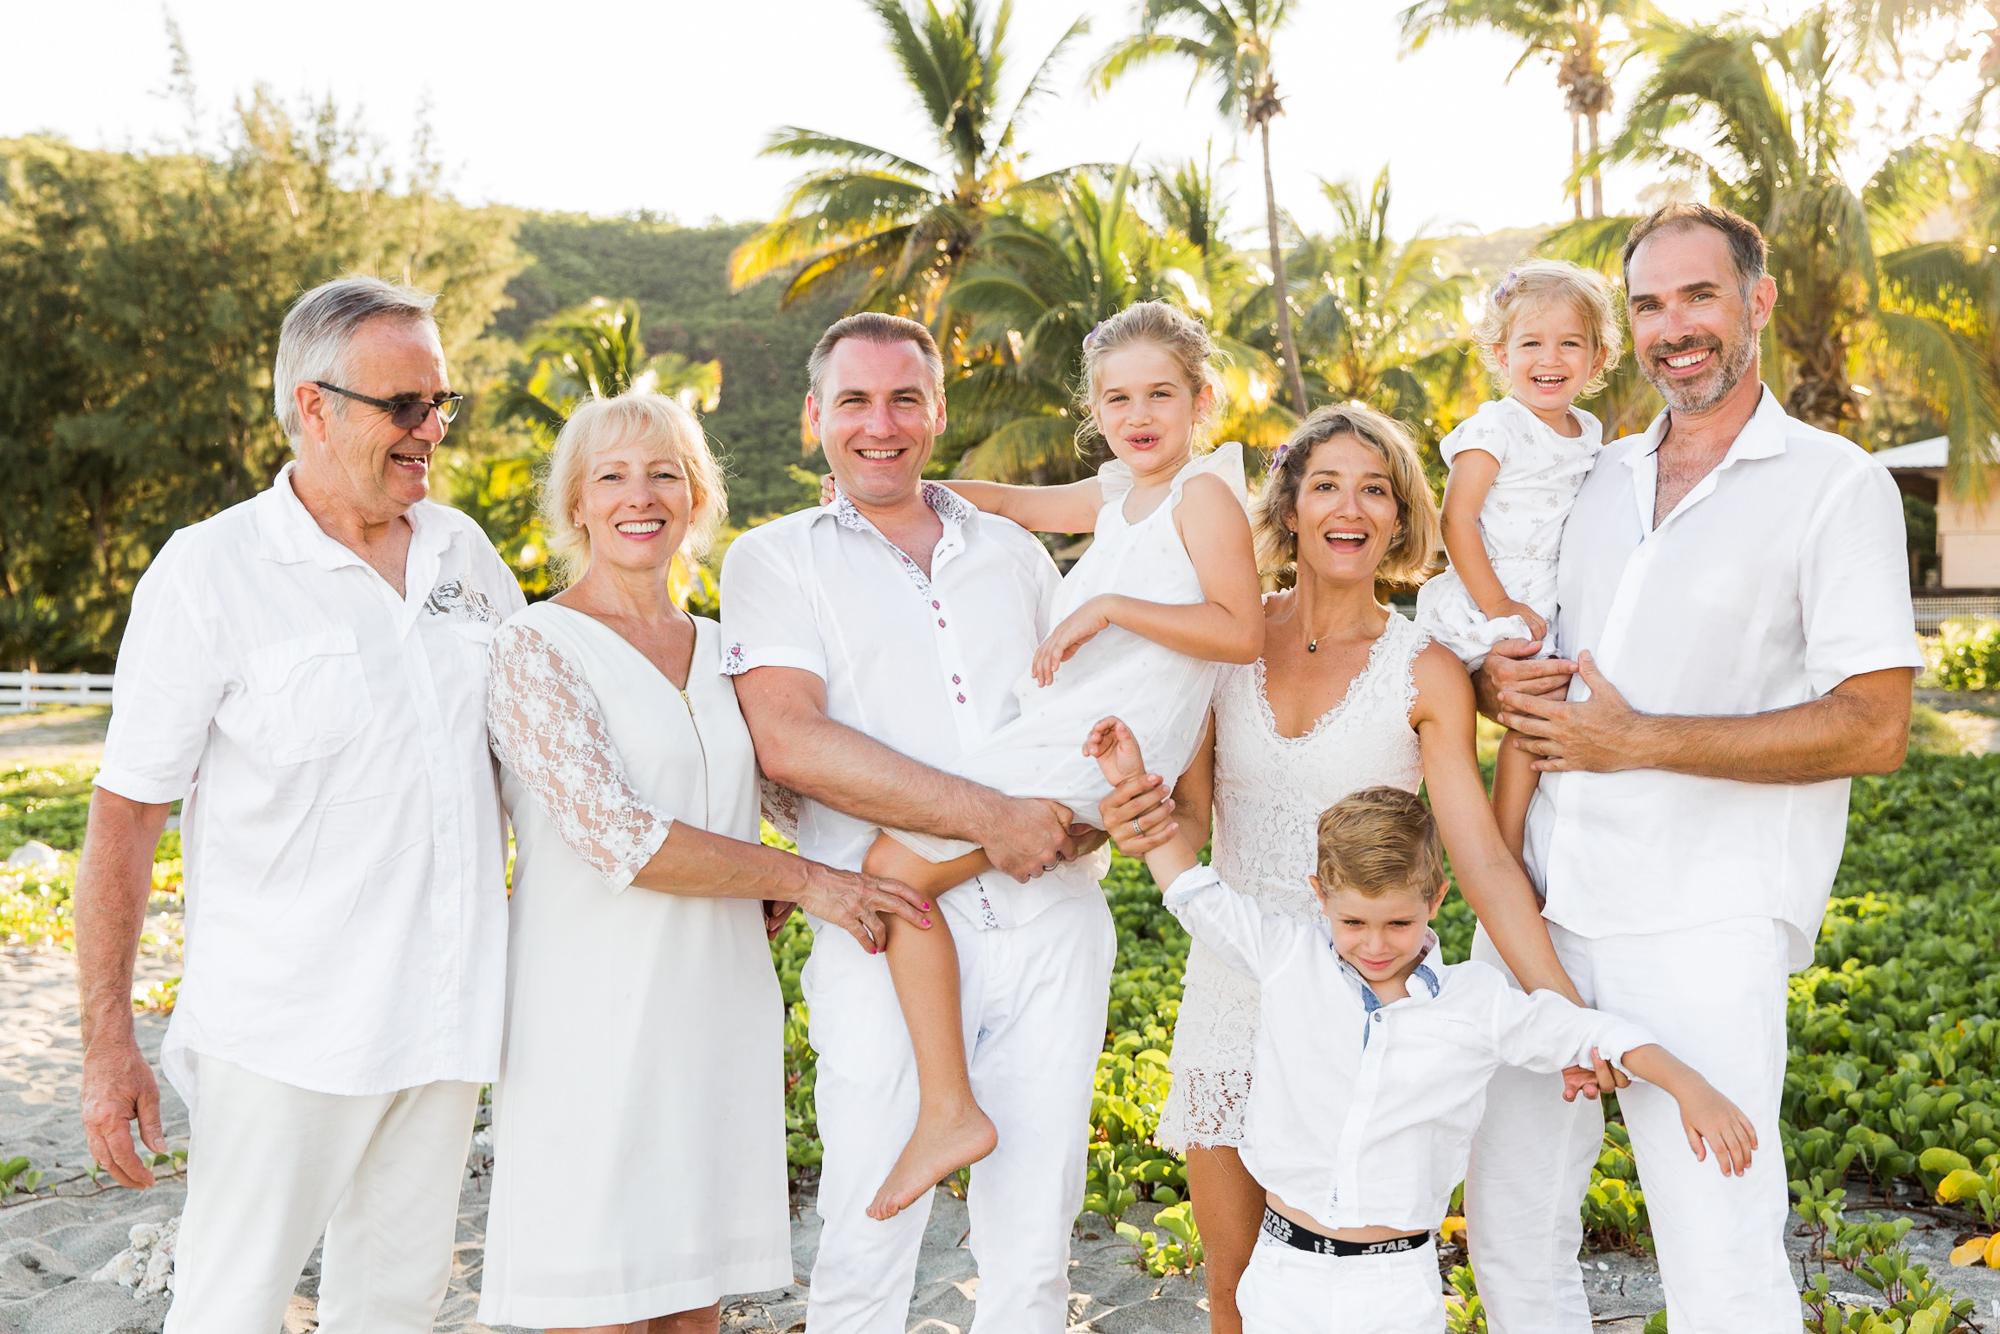 famille-enfant-plage-shooting-seancephoto-photographe-reunion-saintgilles-saintpaul